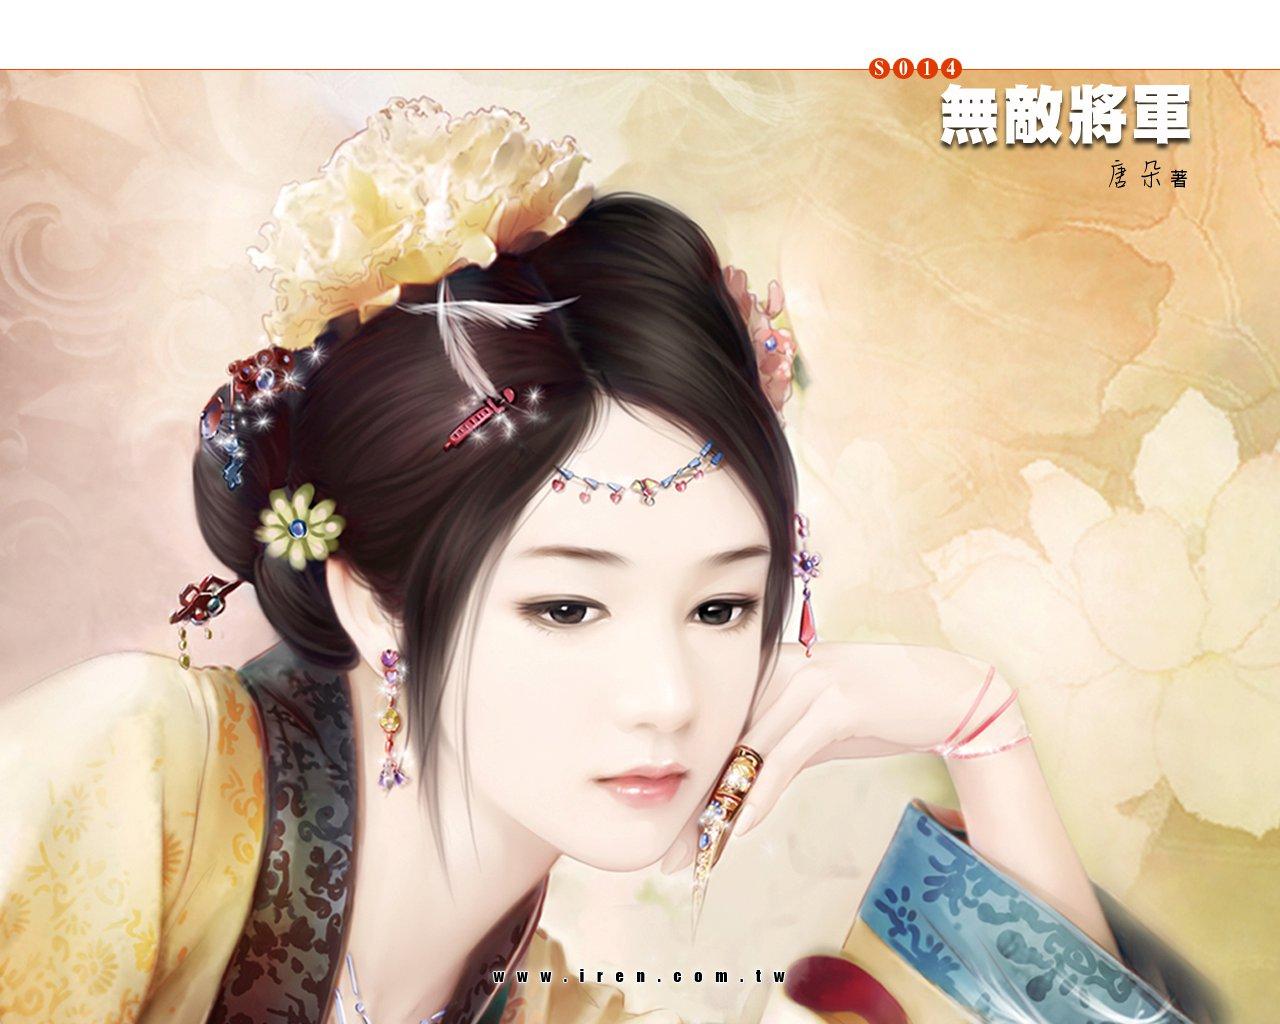 古装美女丹青_古代美女丹青图片_古代美女丹青图片下载